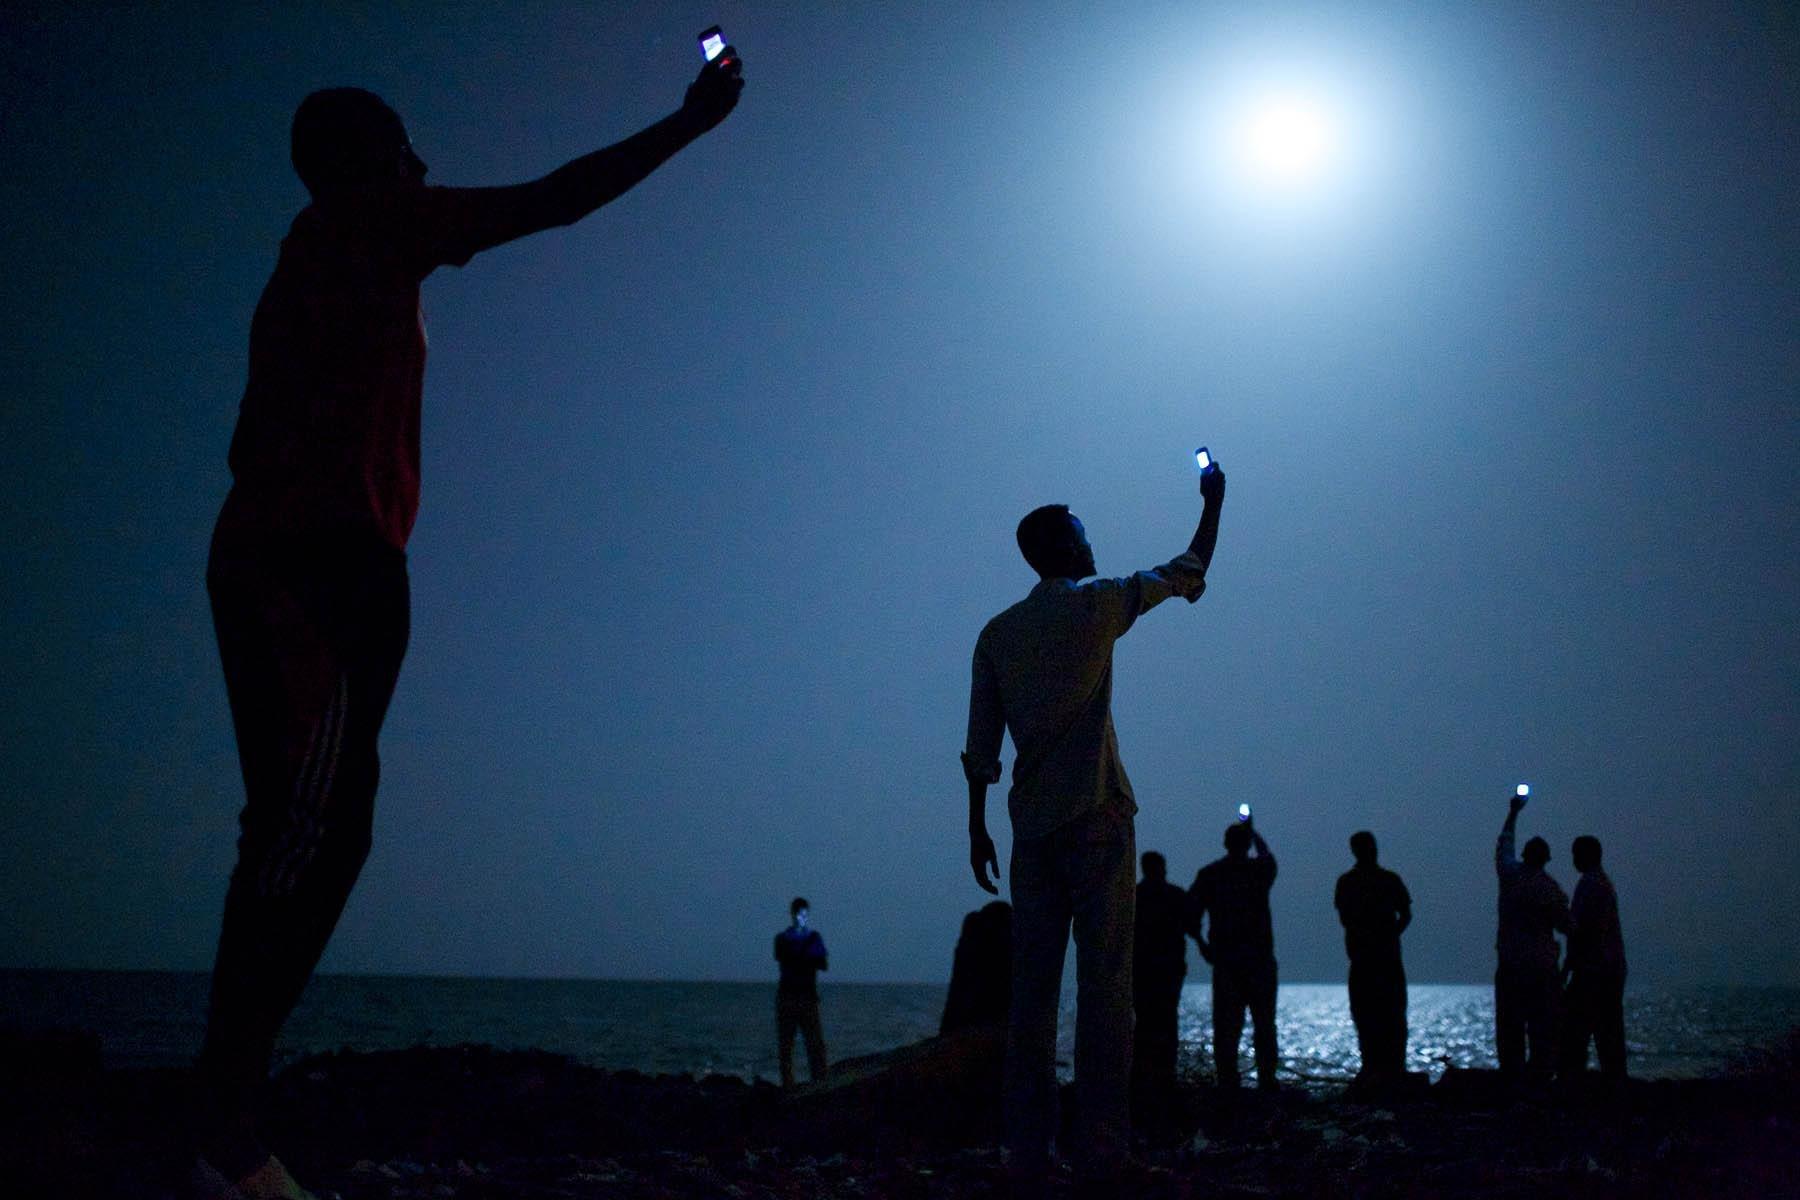 Les migrants africains sur les rives de la ville de Djibouti la nuit lèvent leur téléphone pour tenter d'attraper un signal bon marché John Stanmeyer de l'agence photo VII